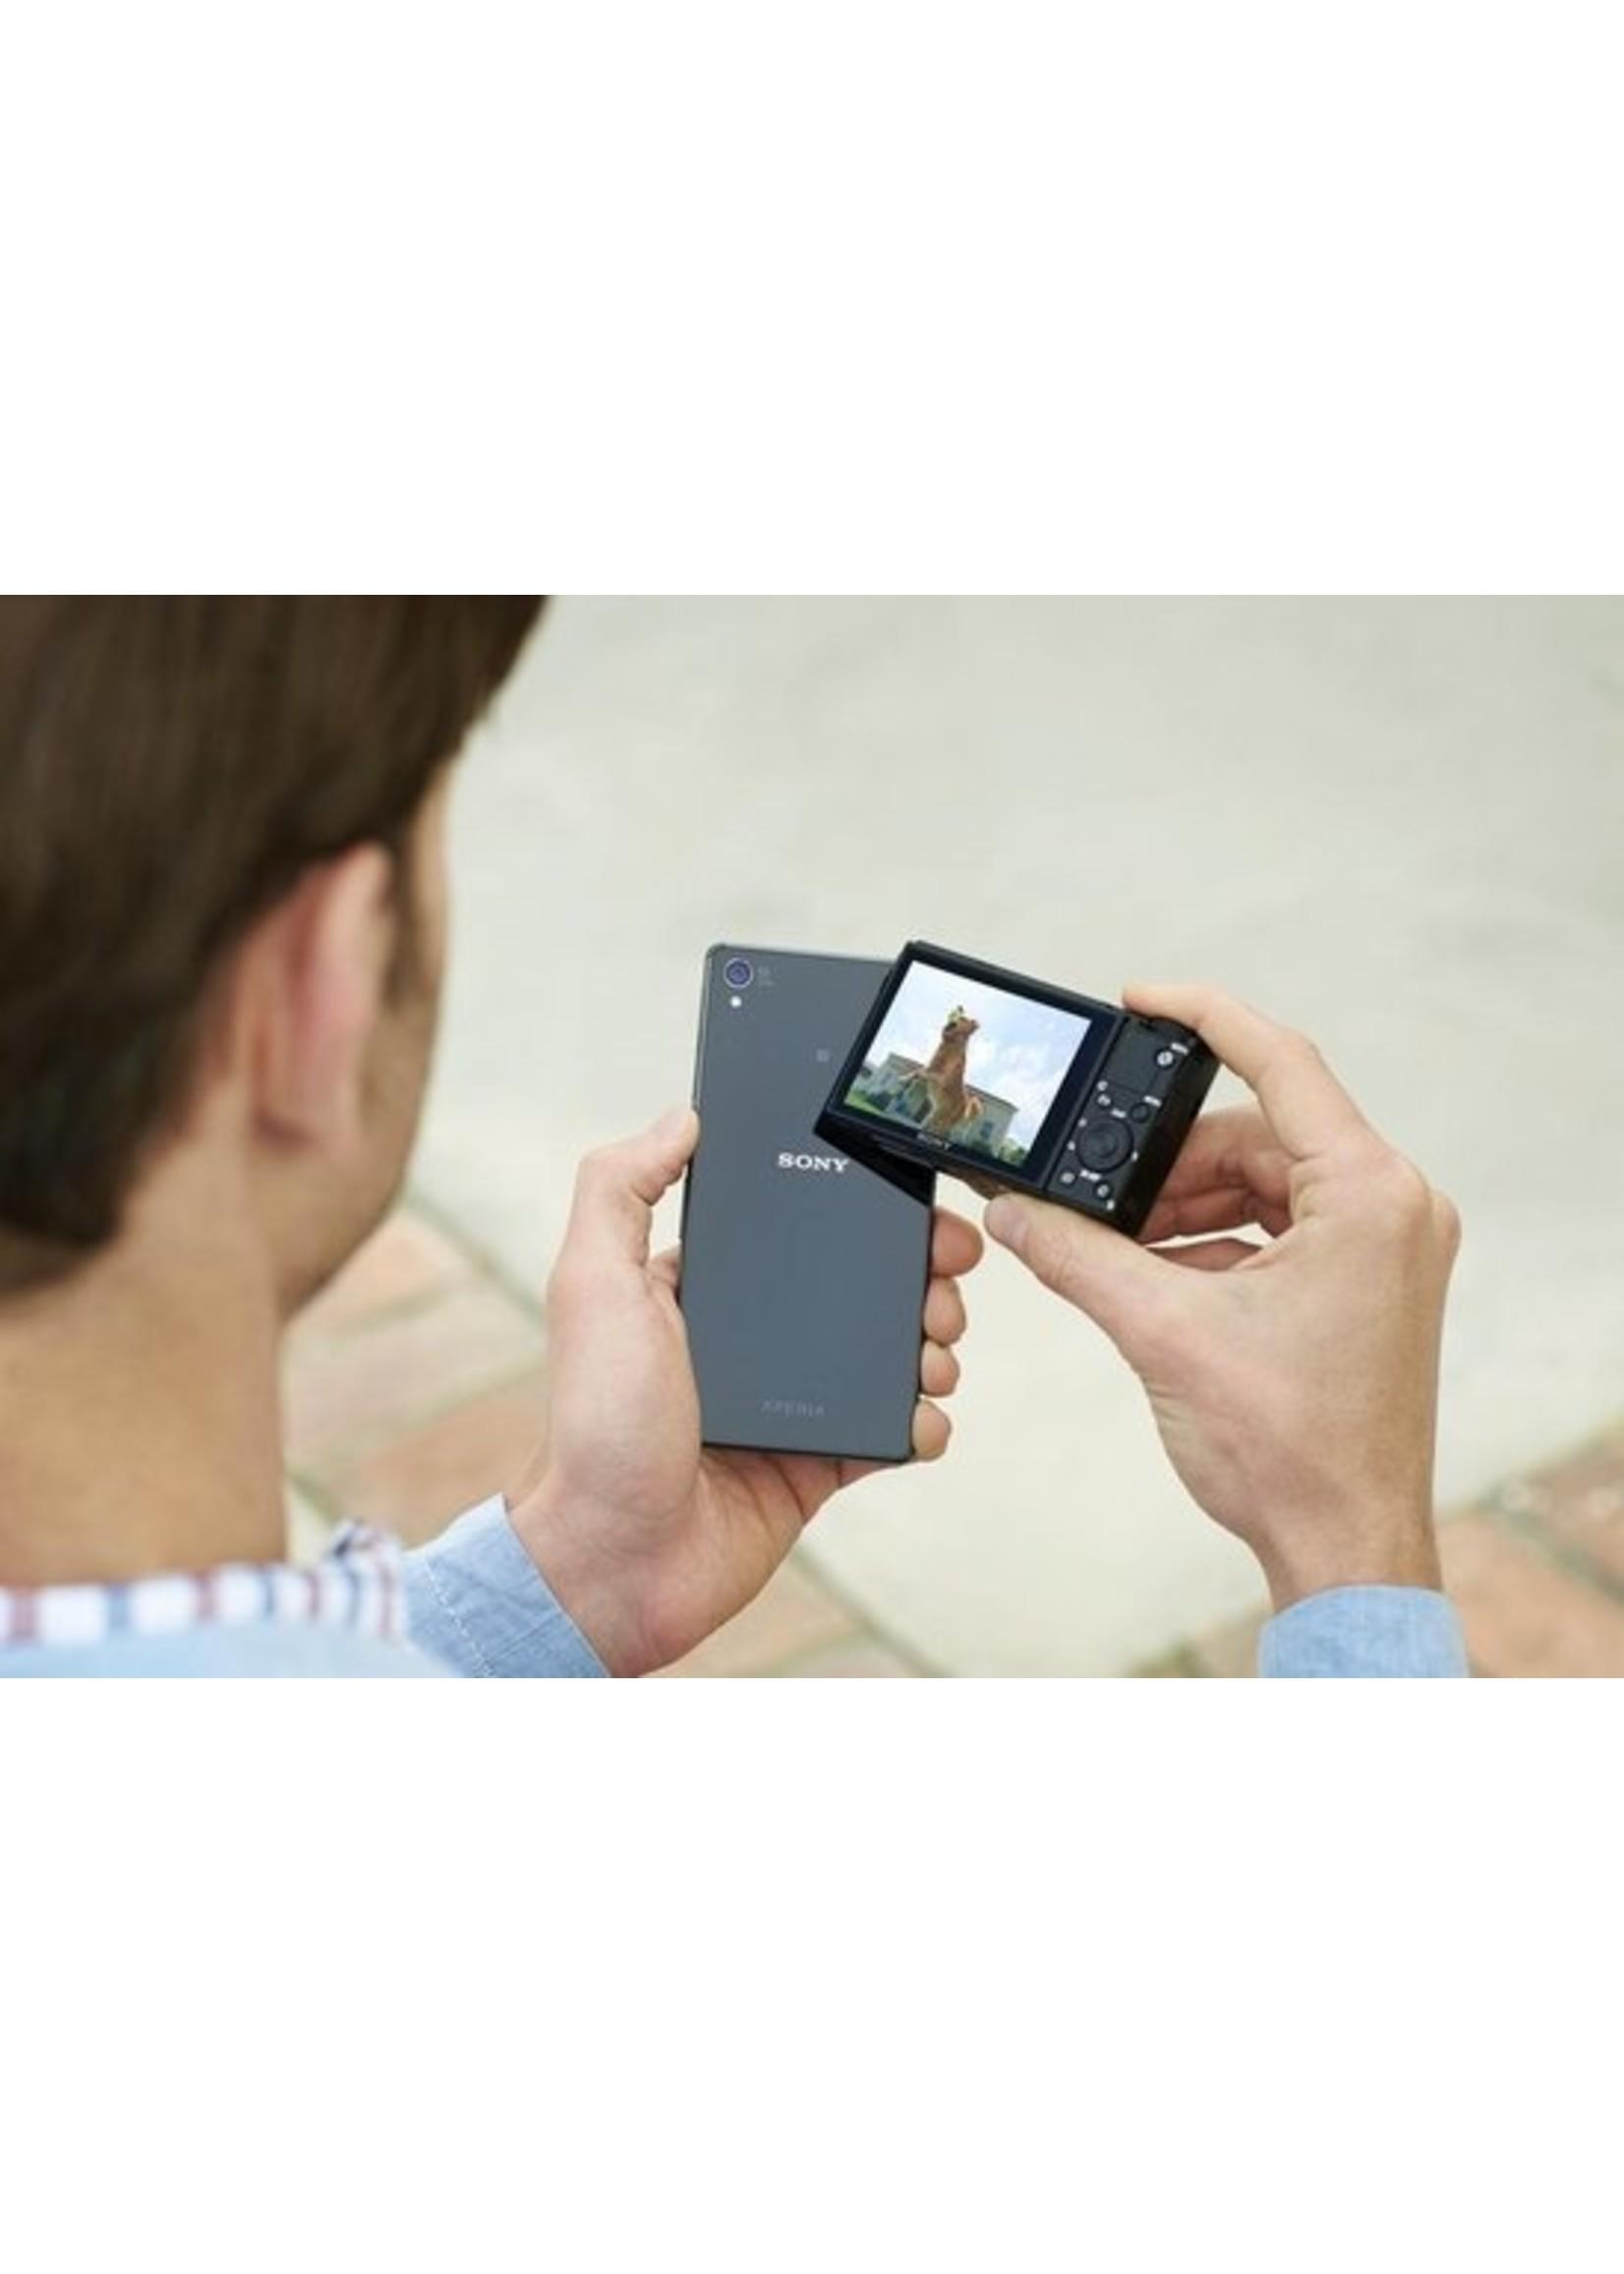 Sony Sony Cybershot DSC-RX100 IV koopjeshoek